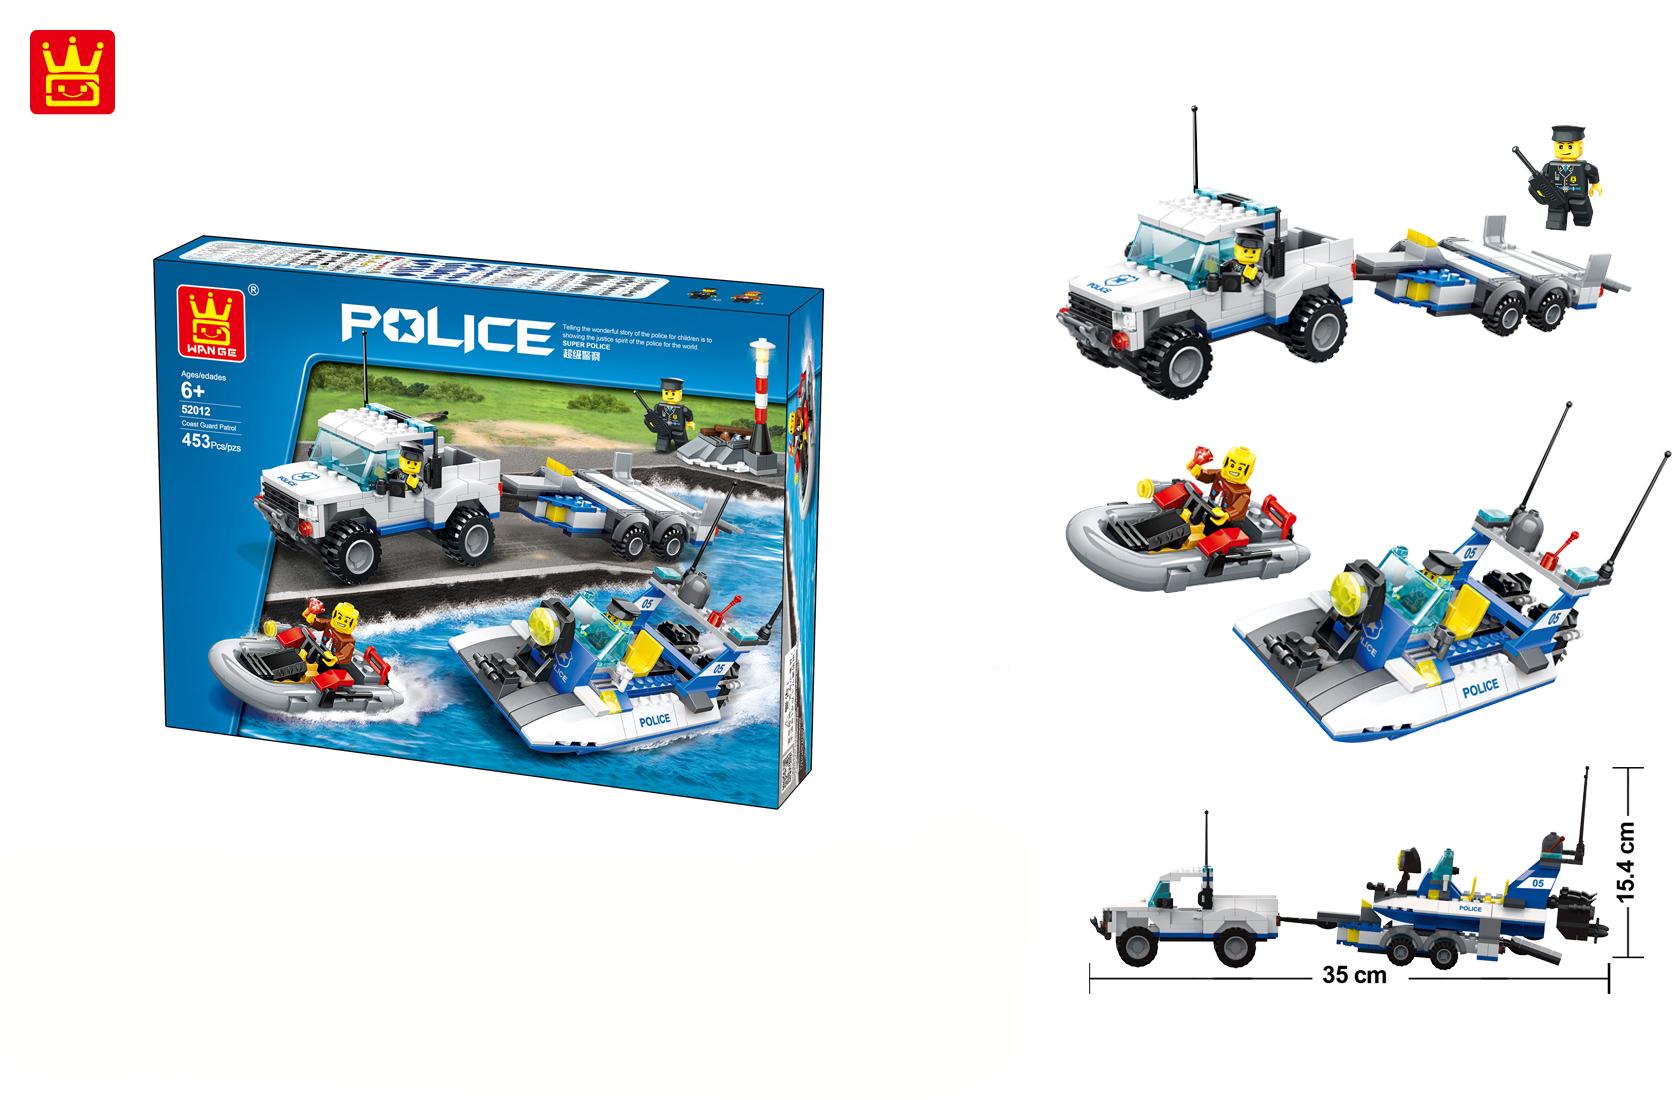 Bộ ghép hình Police Legion 52012